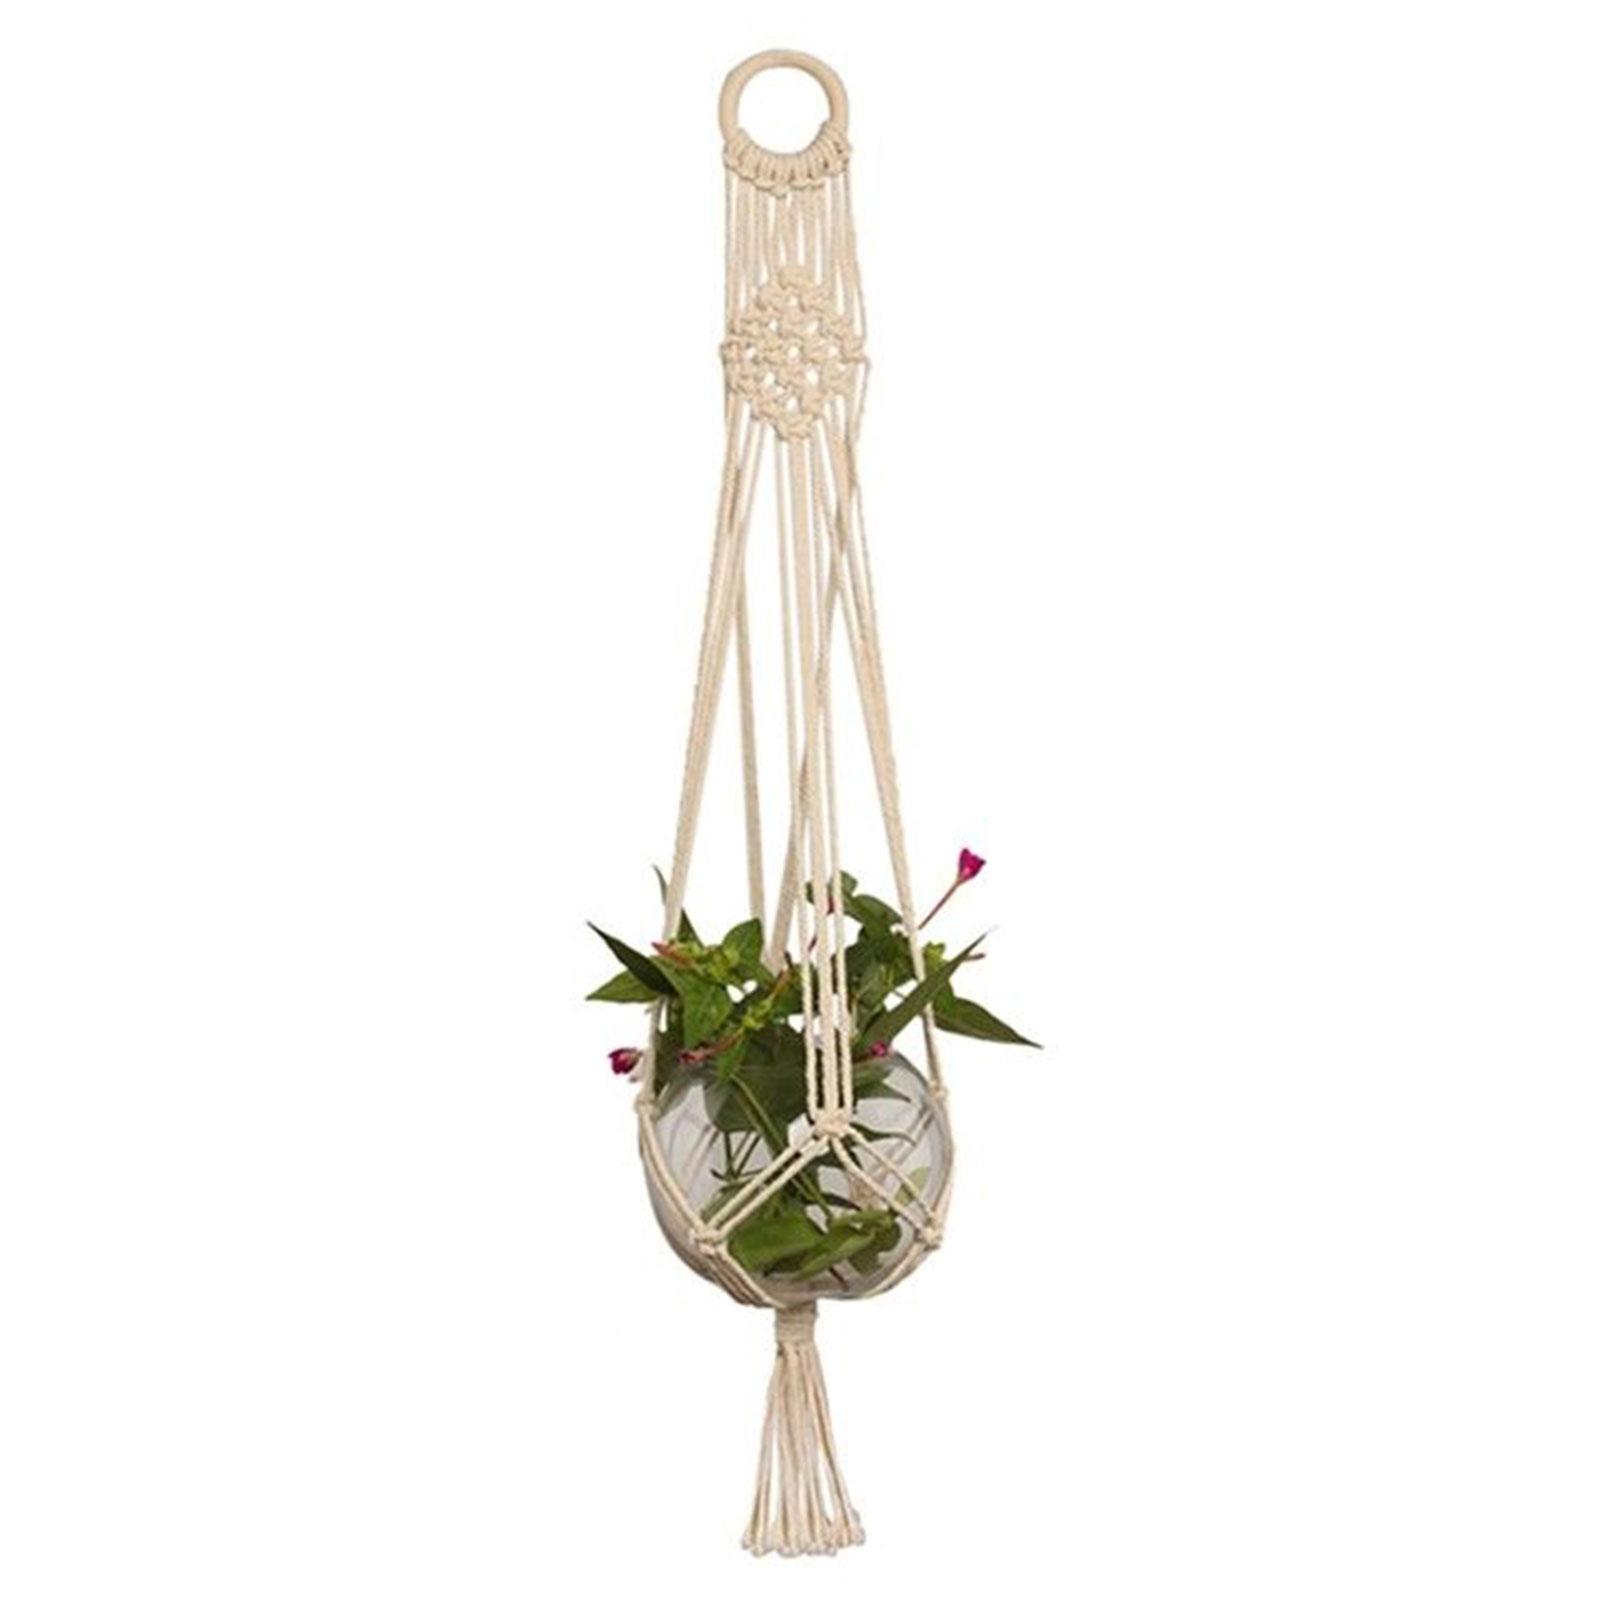 pot holder macrame plant hanger planter hanging basket. Black Bedroom Furniture Sets. Home Design Ideas